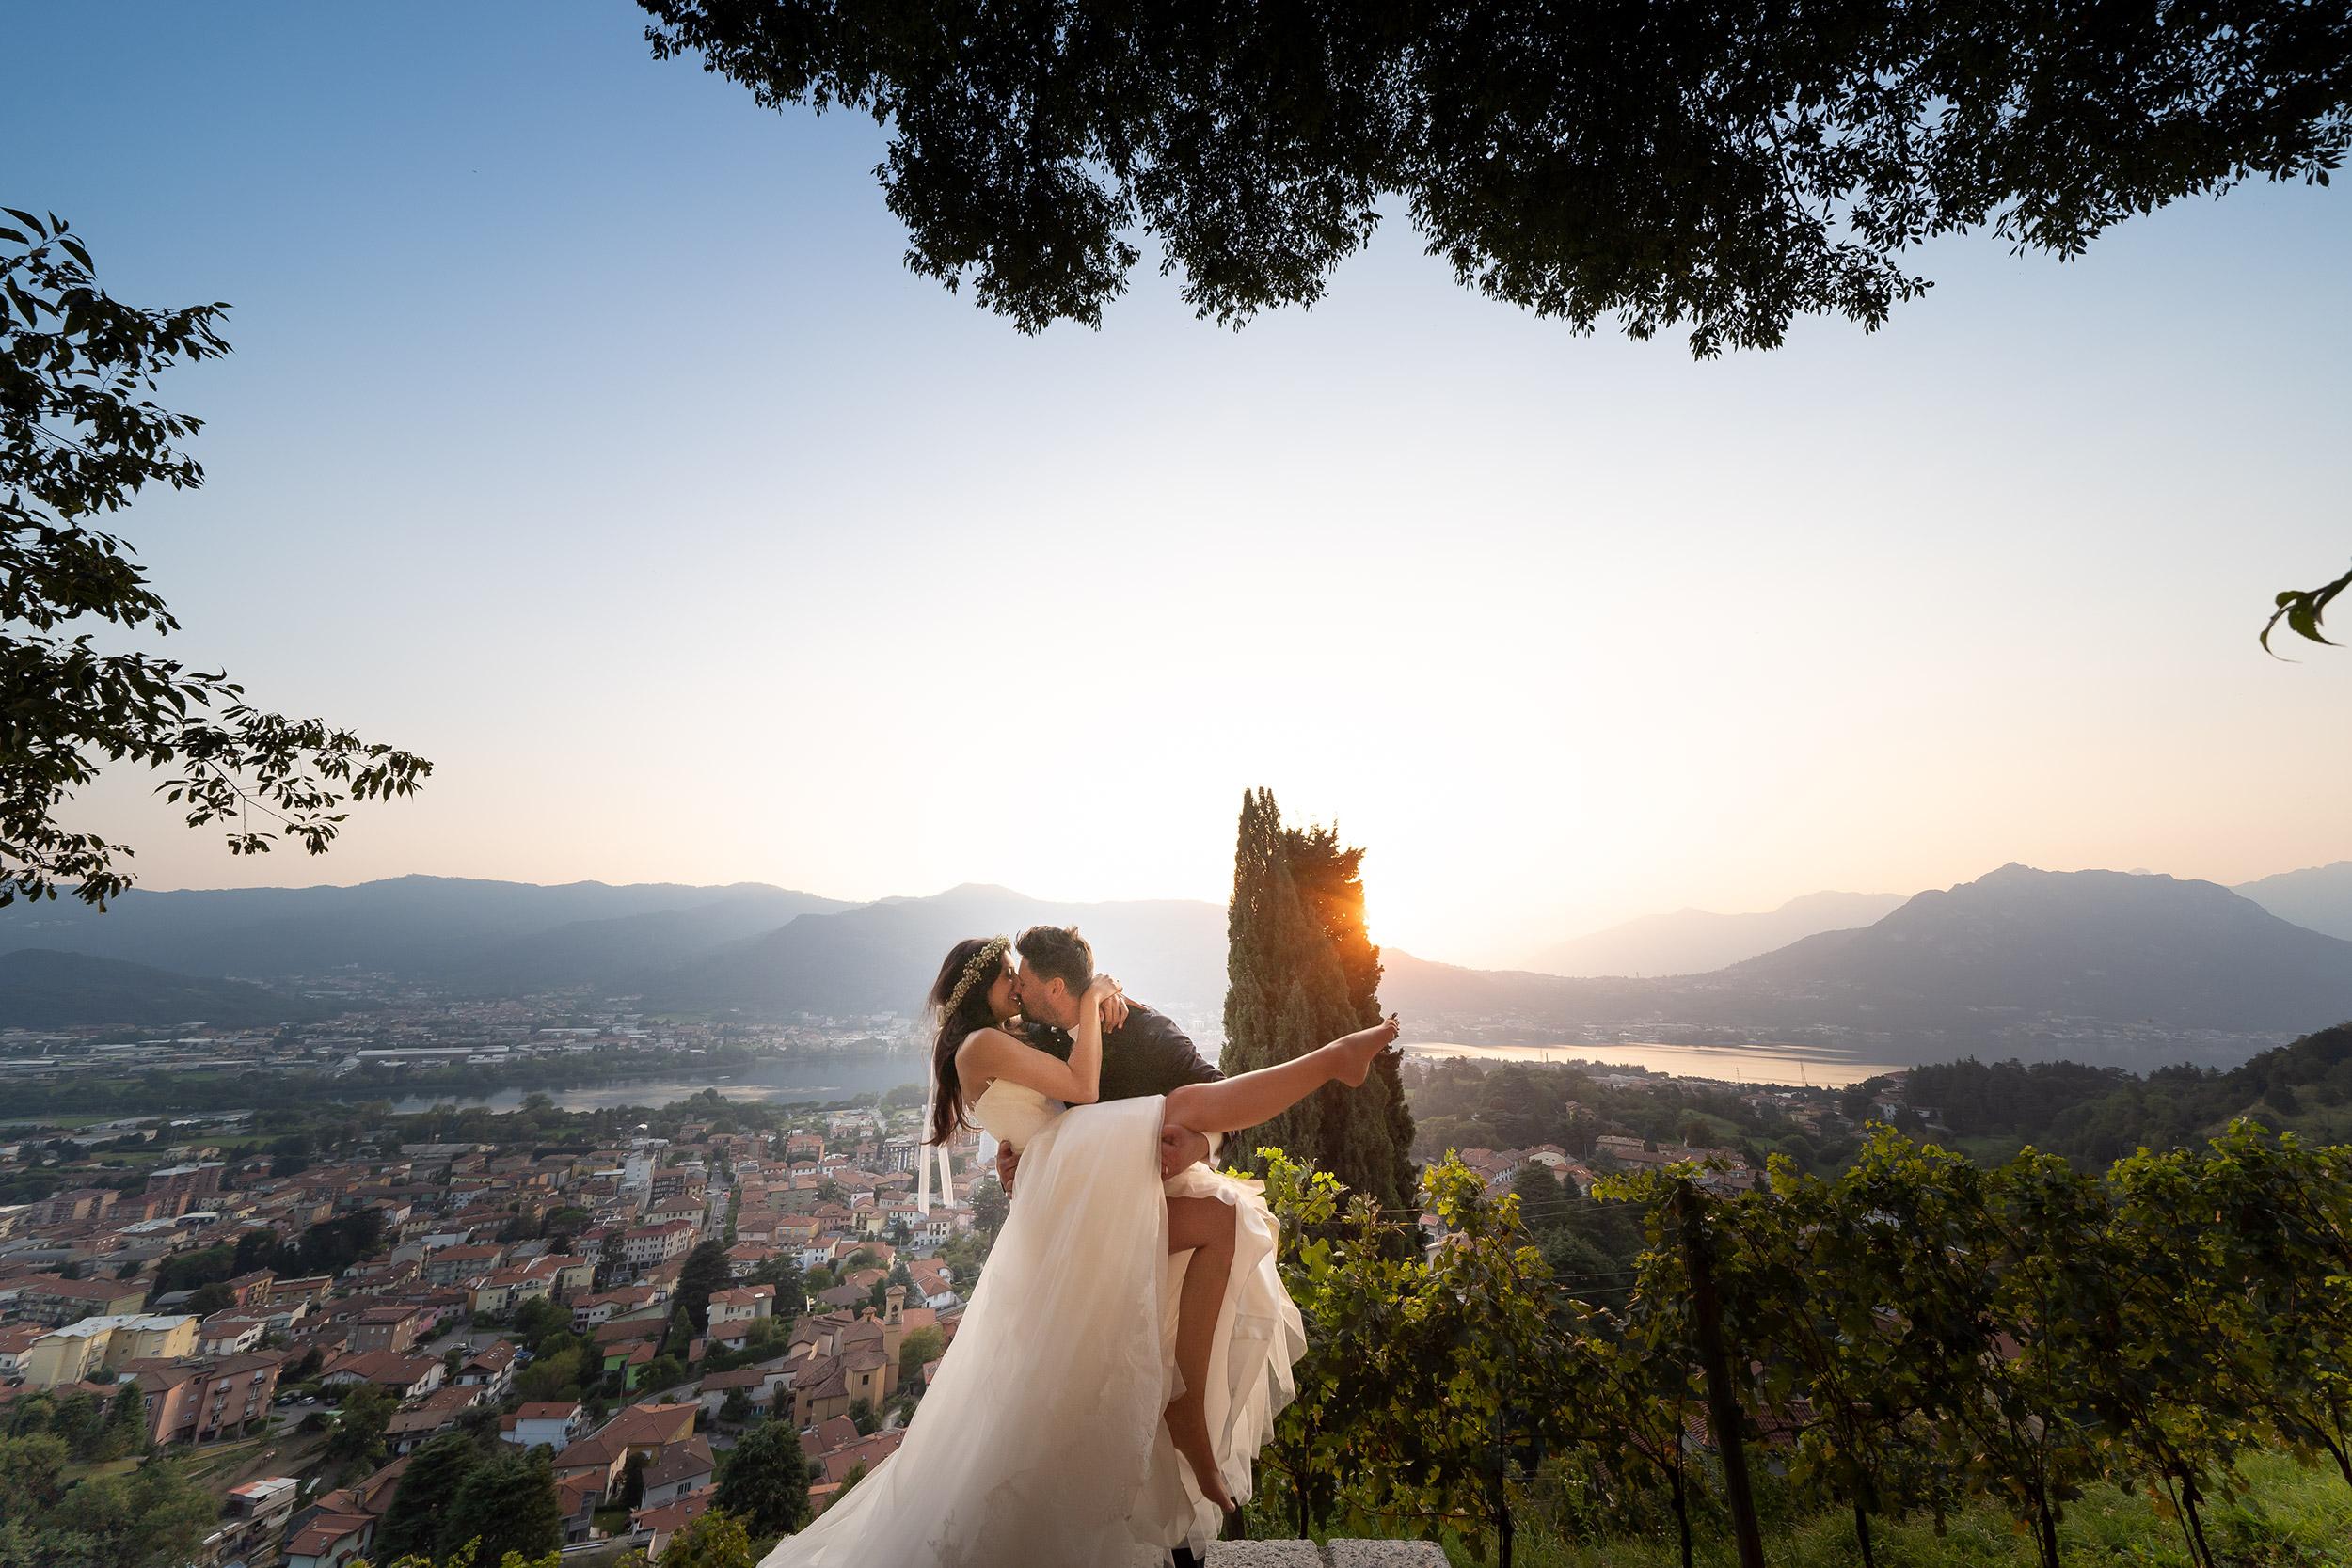 000 reportage sposi foto matrimonio wedding castello rossino lecco 1